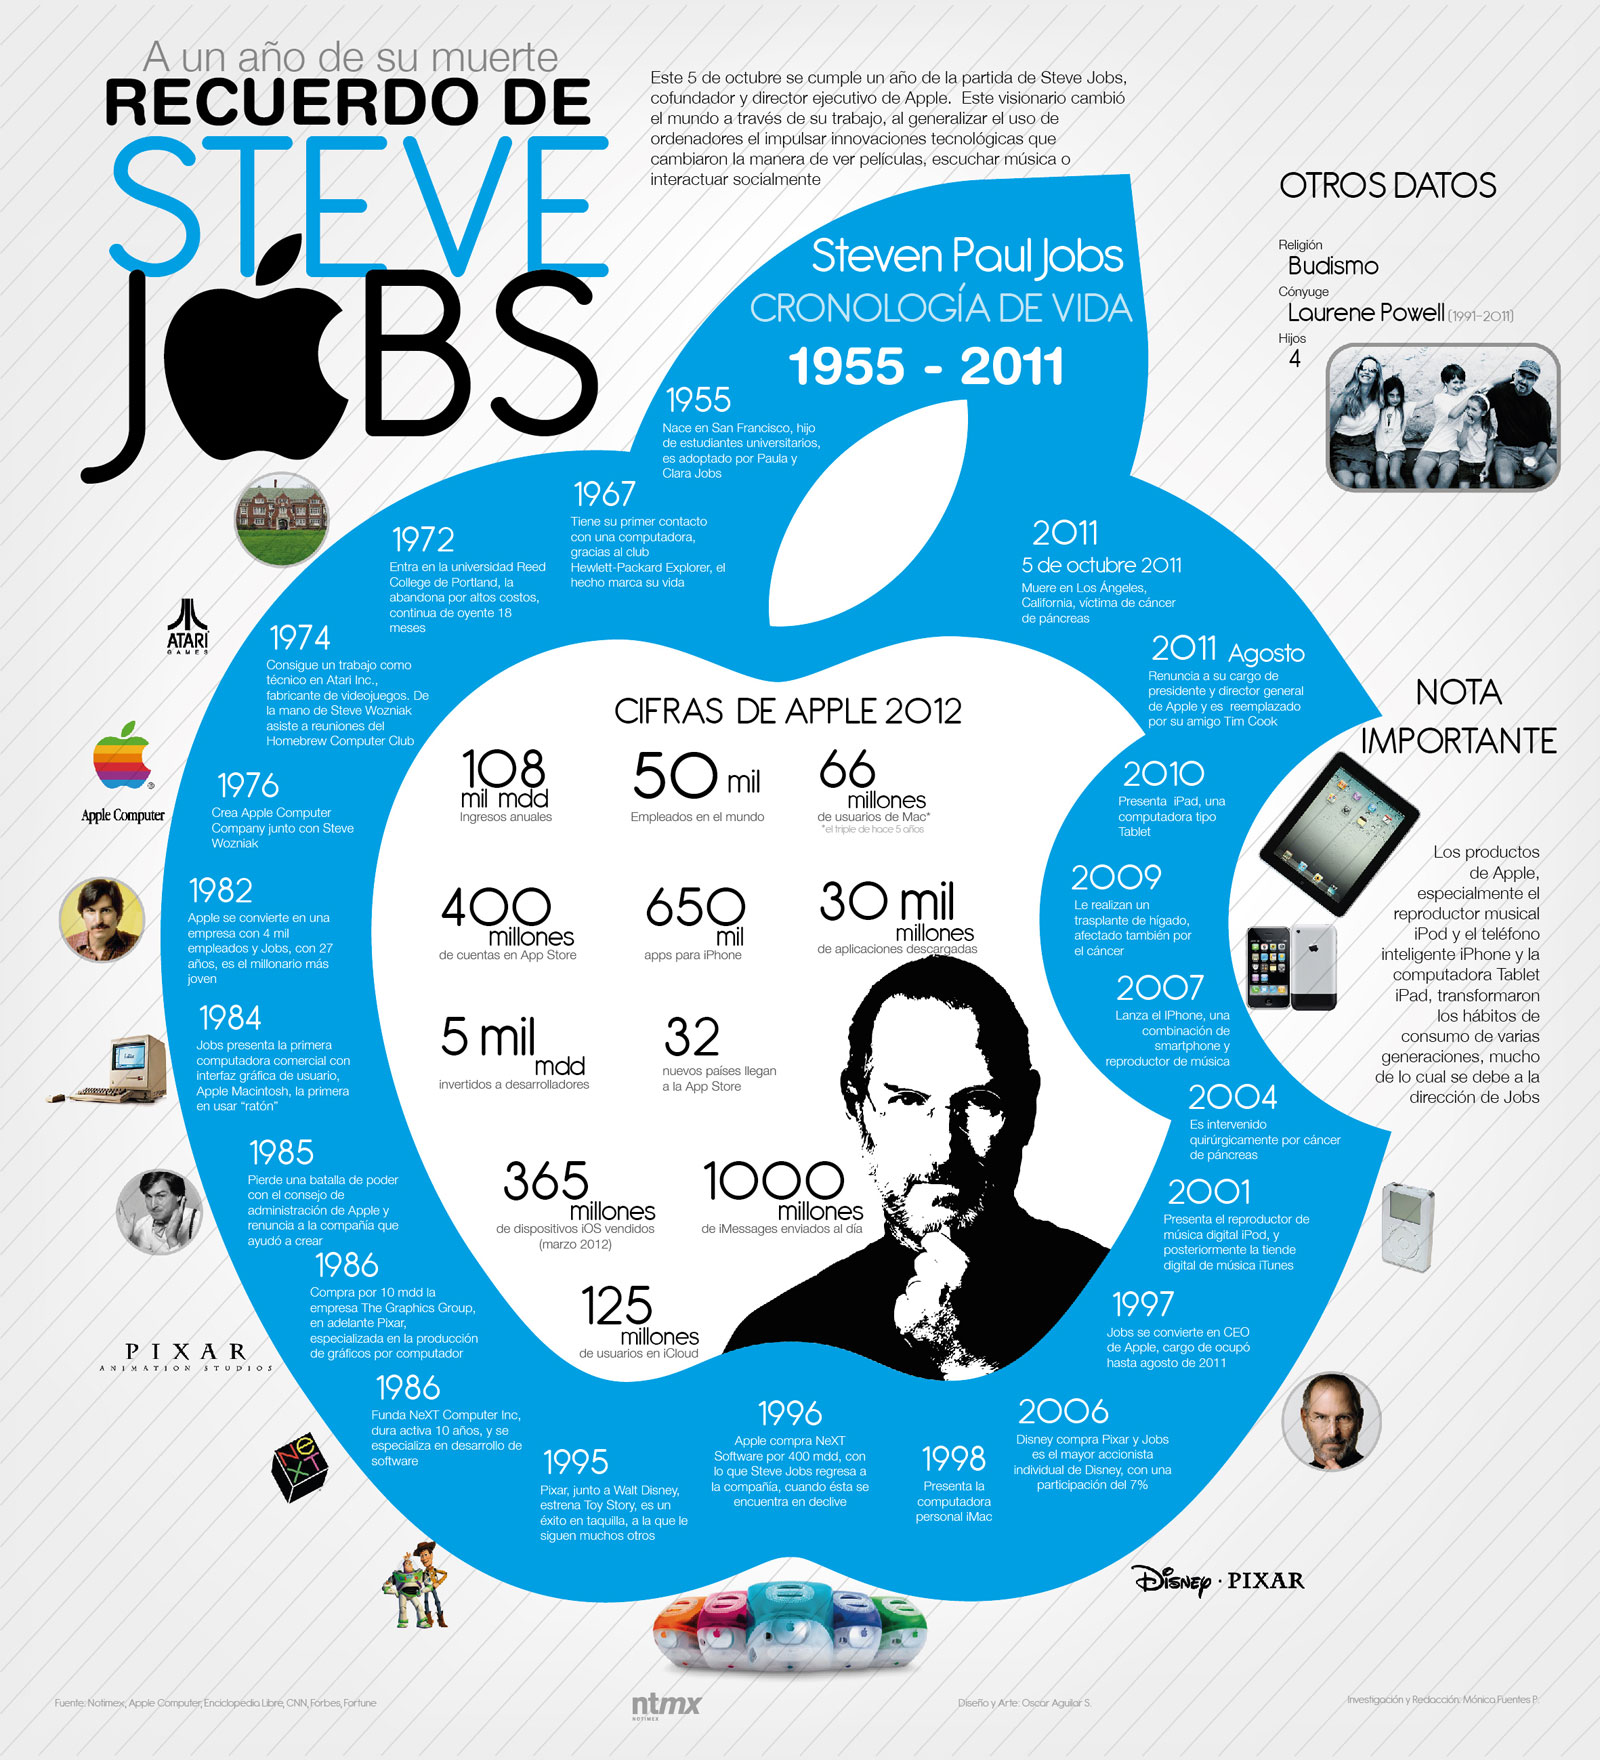 infografia-steve-jobs